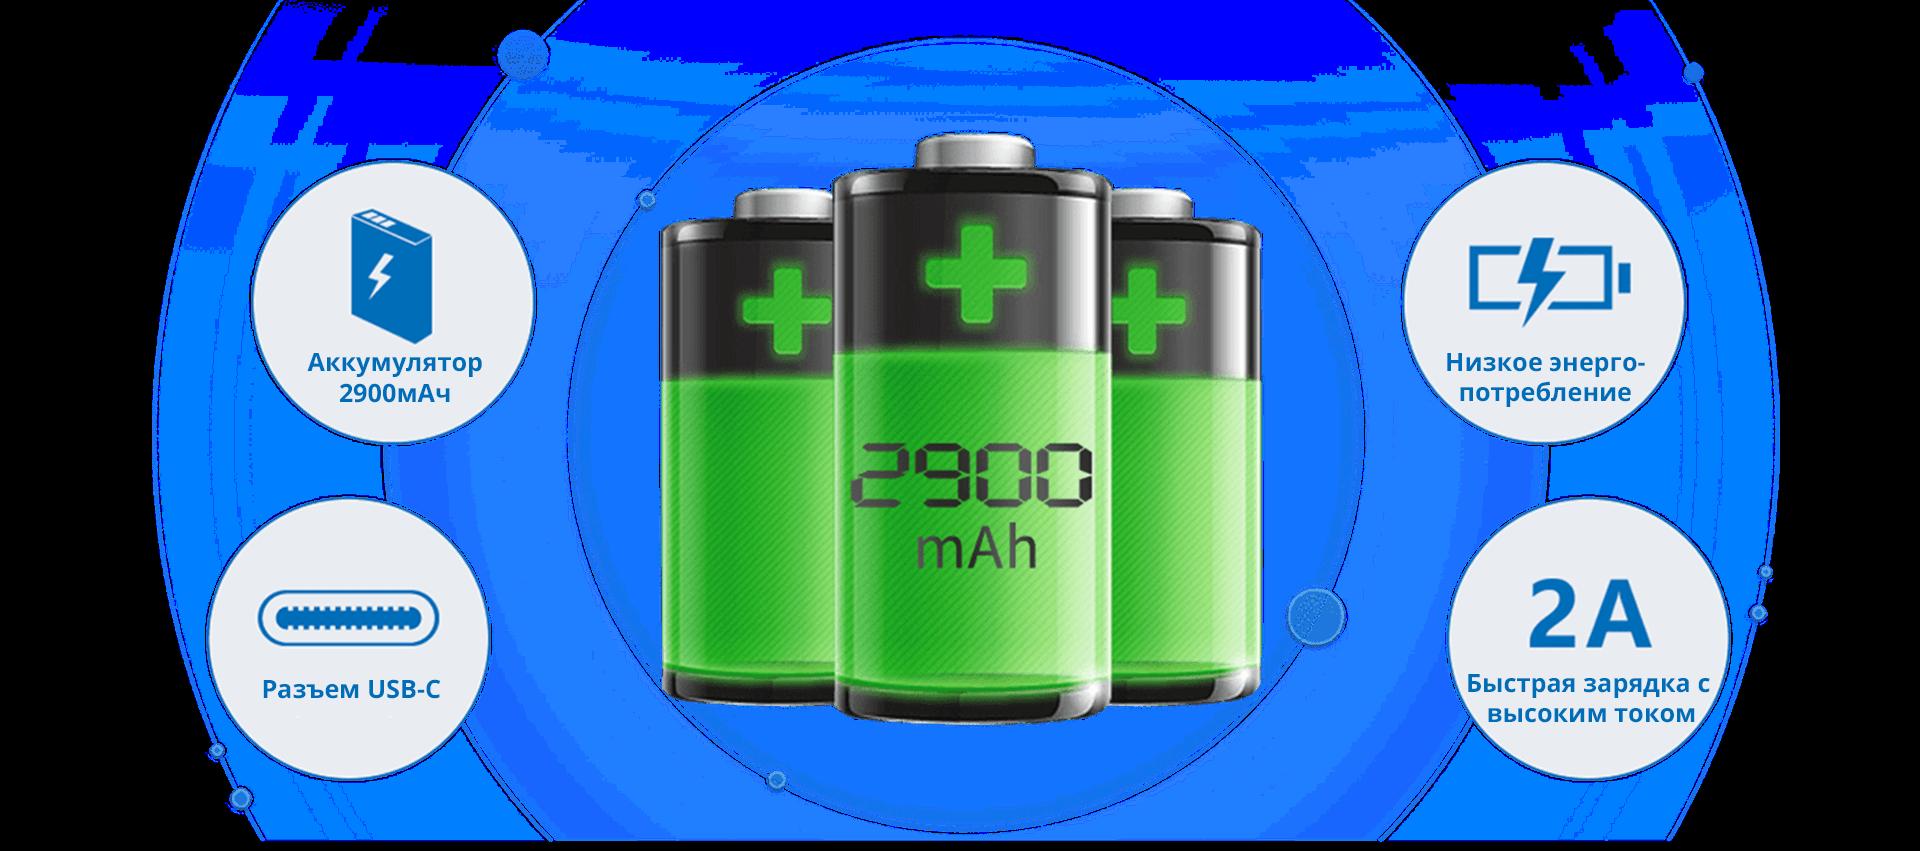 аккумулятор 2900mAh GS1